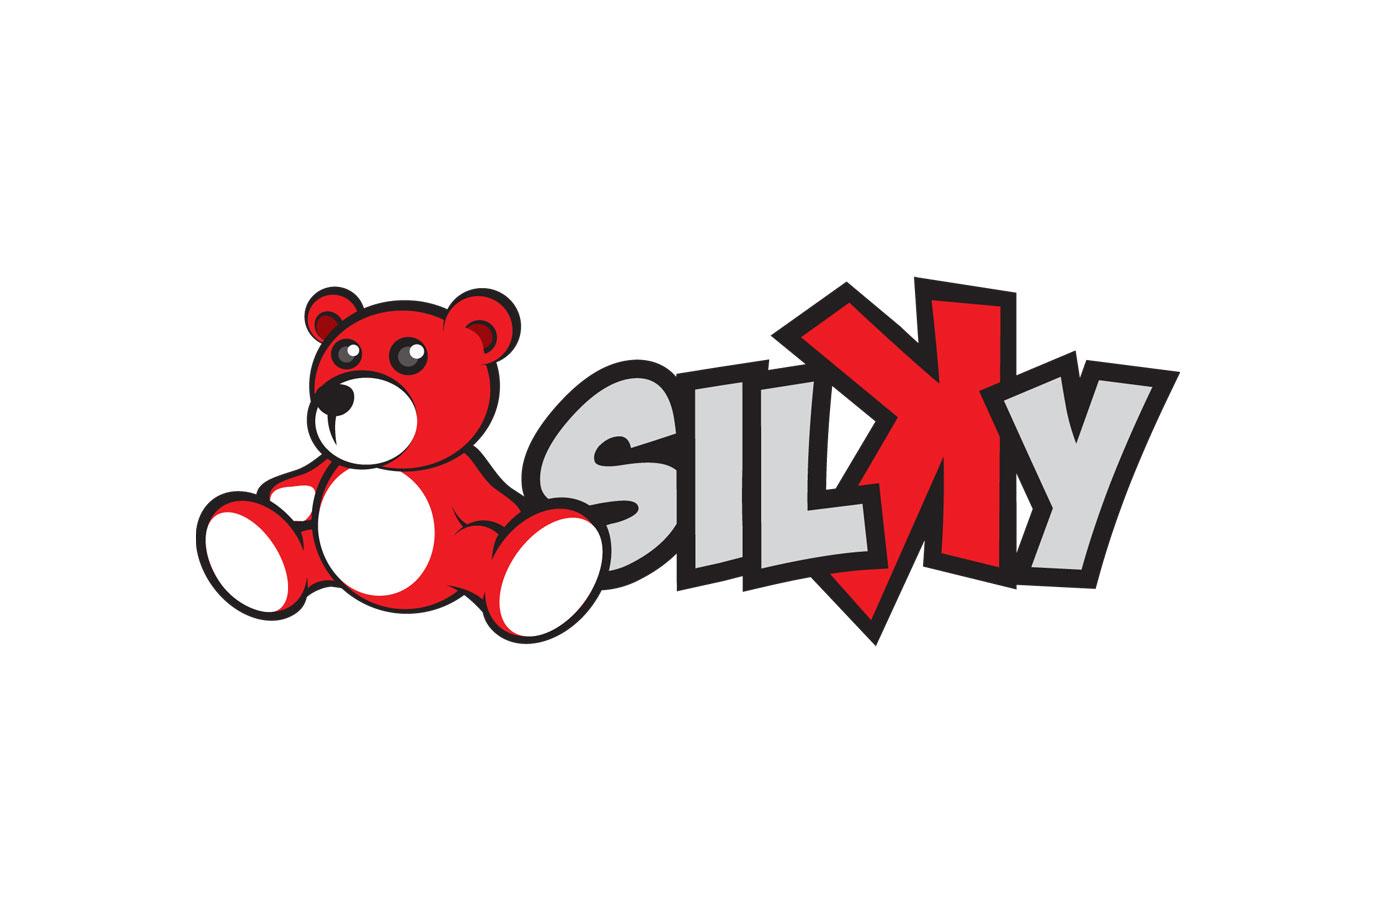 Silky logo by stpp